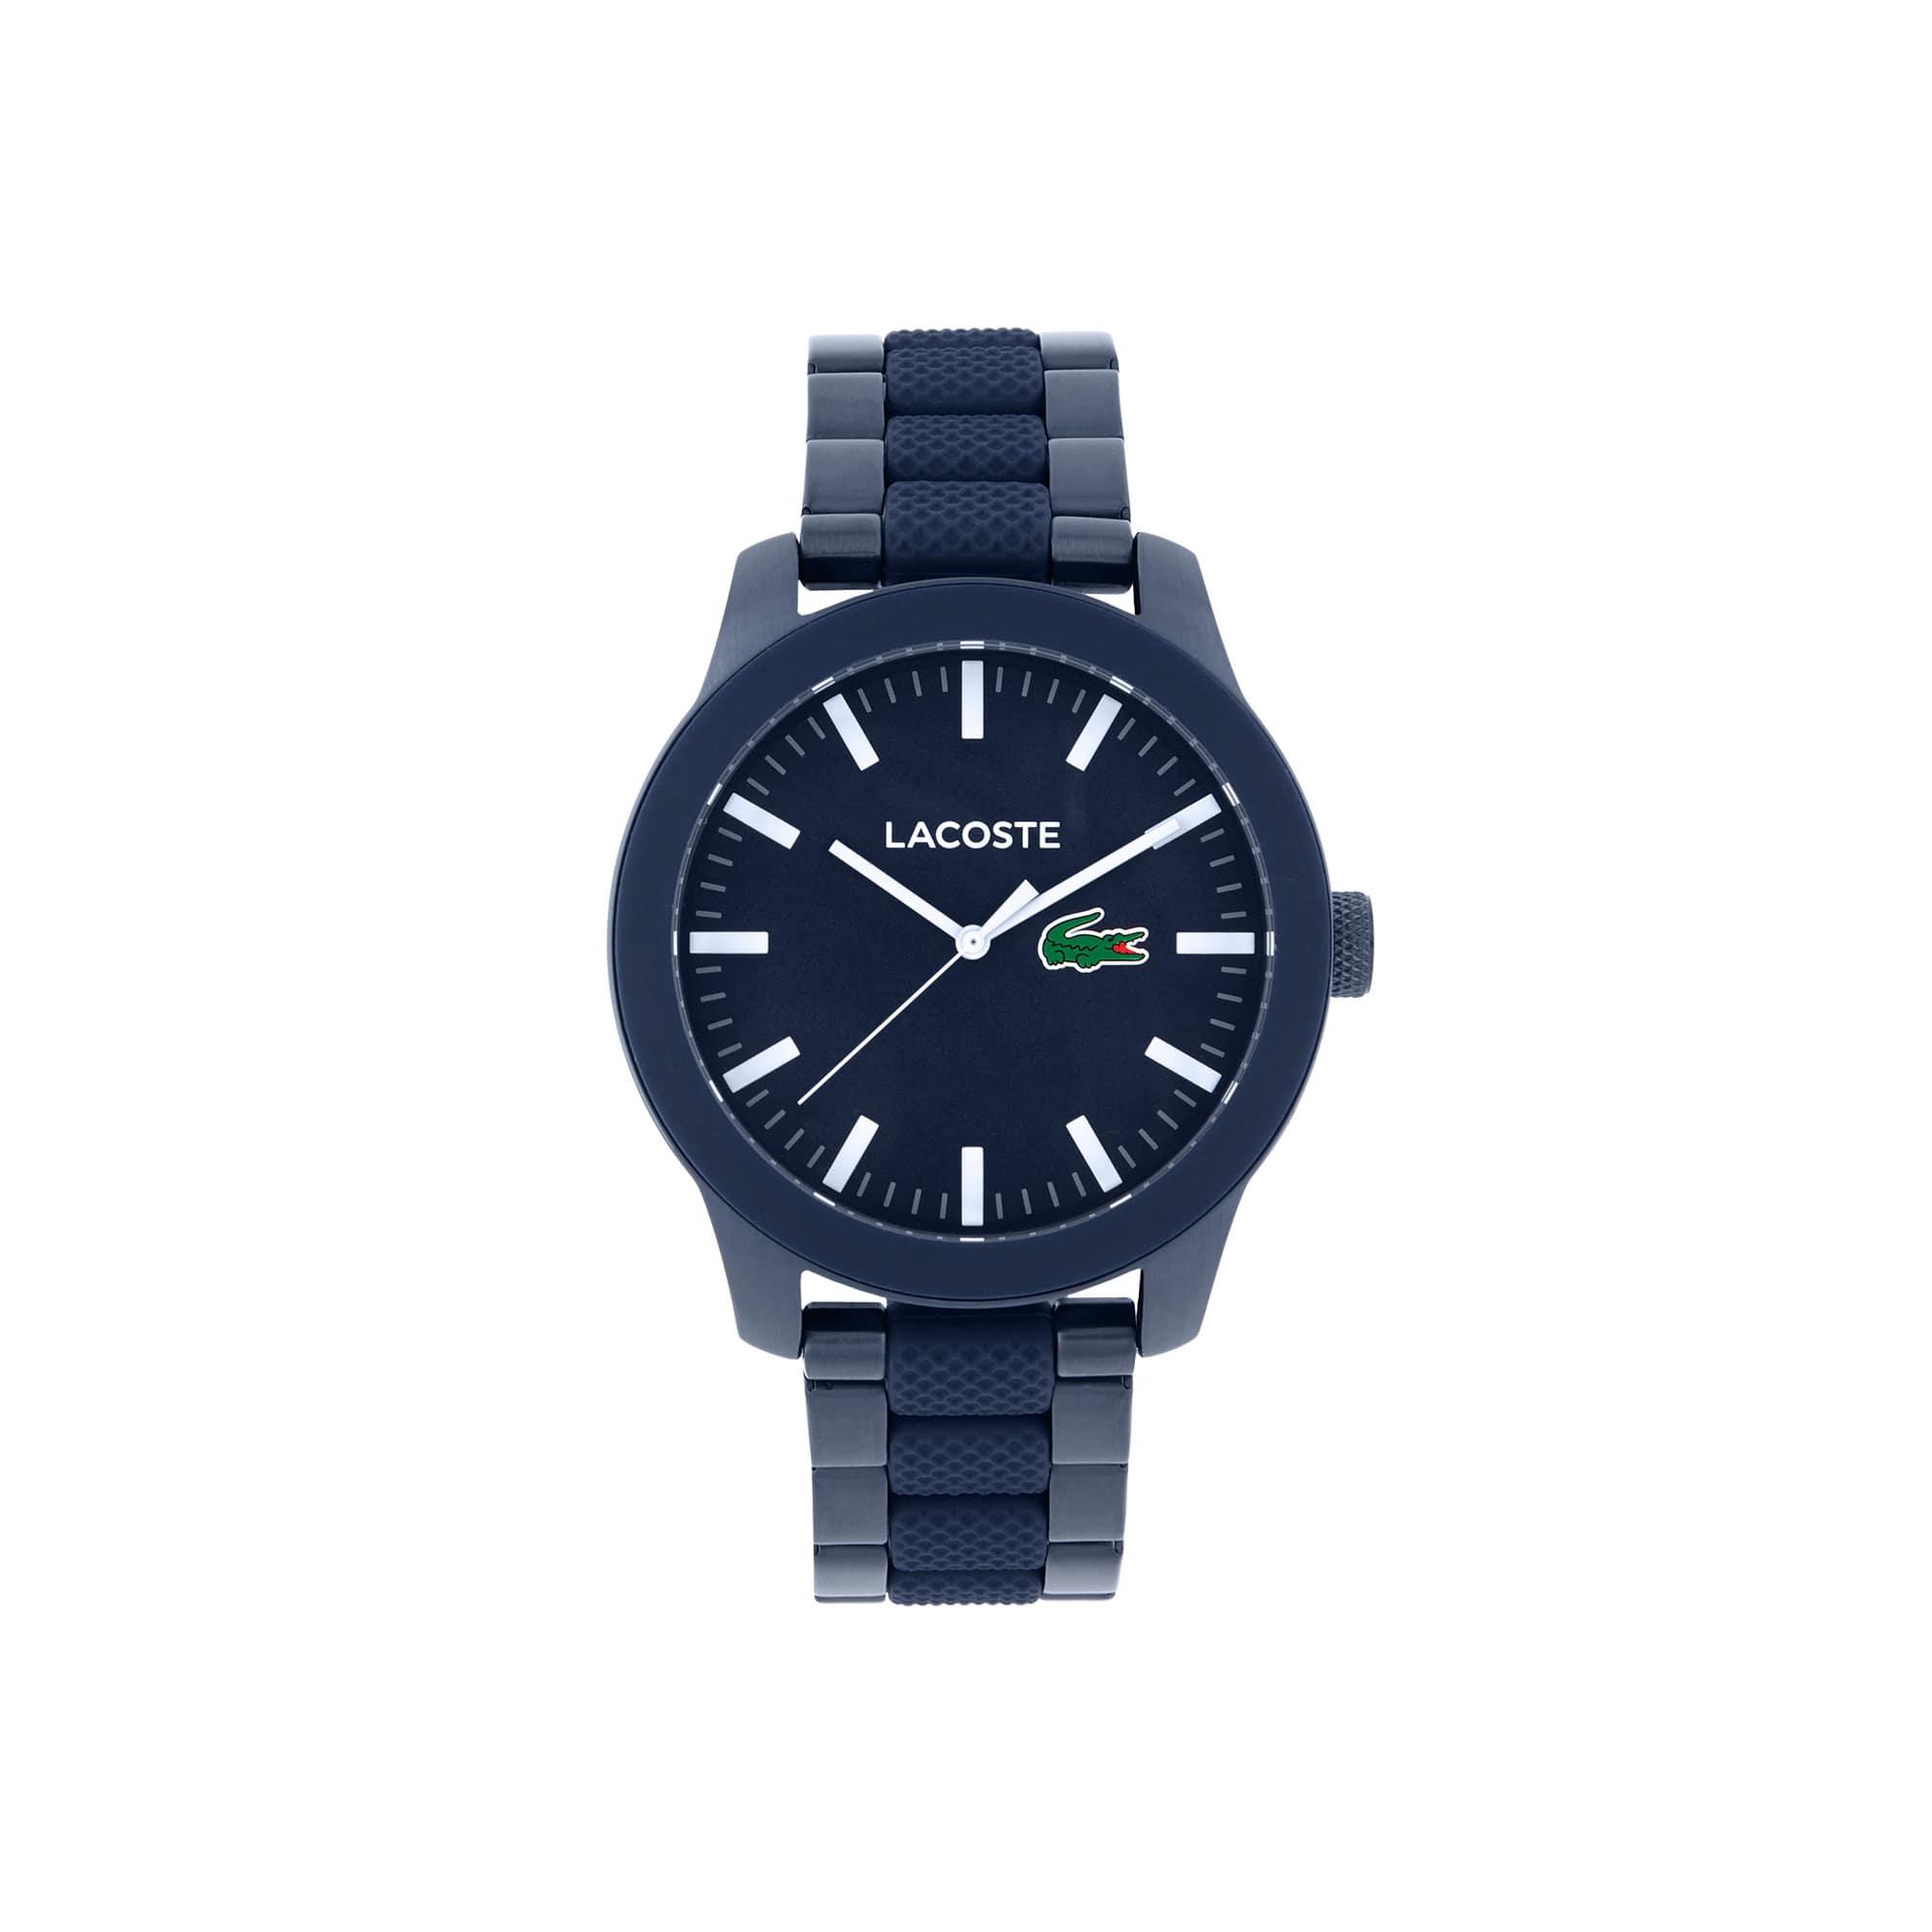 Men's Lacoste 12.12 Watch with Blue Steel Strap